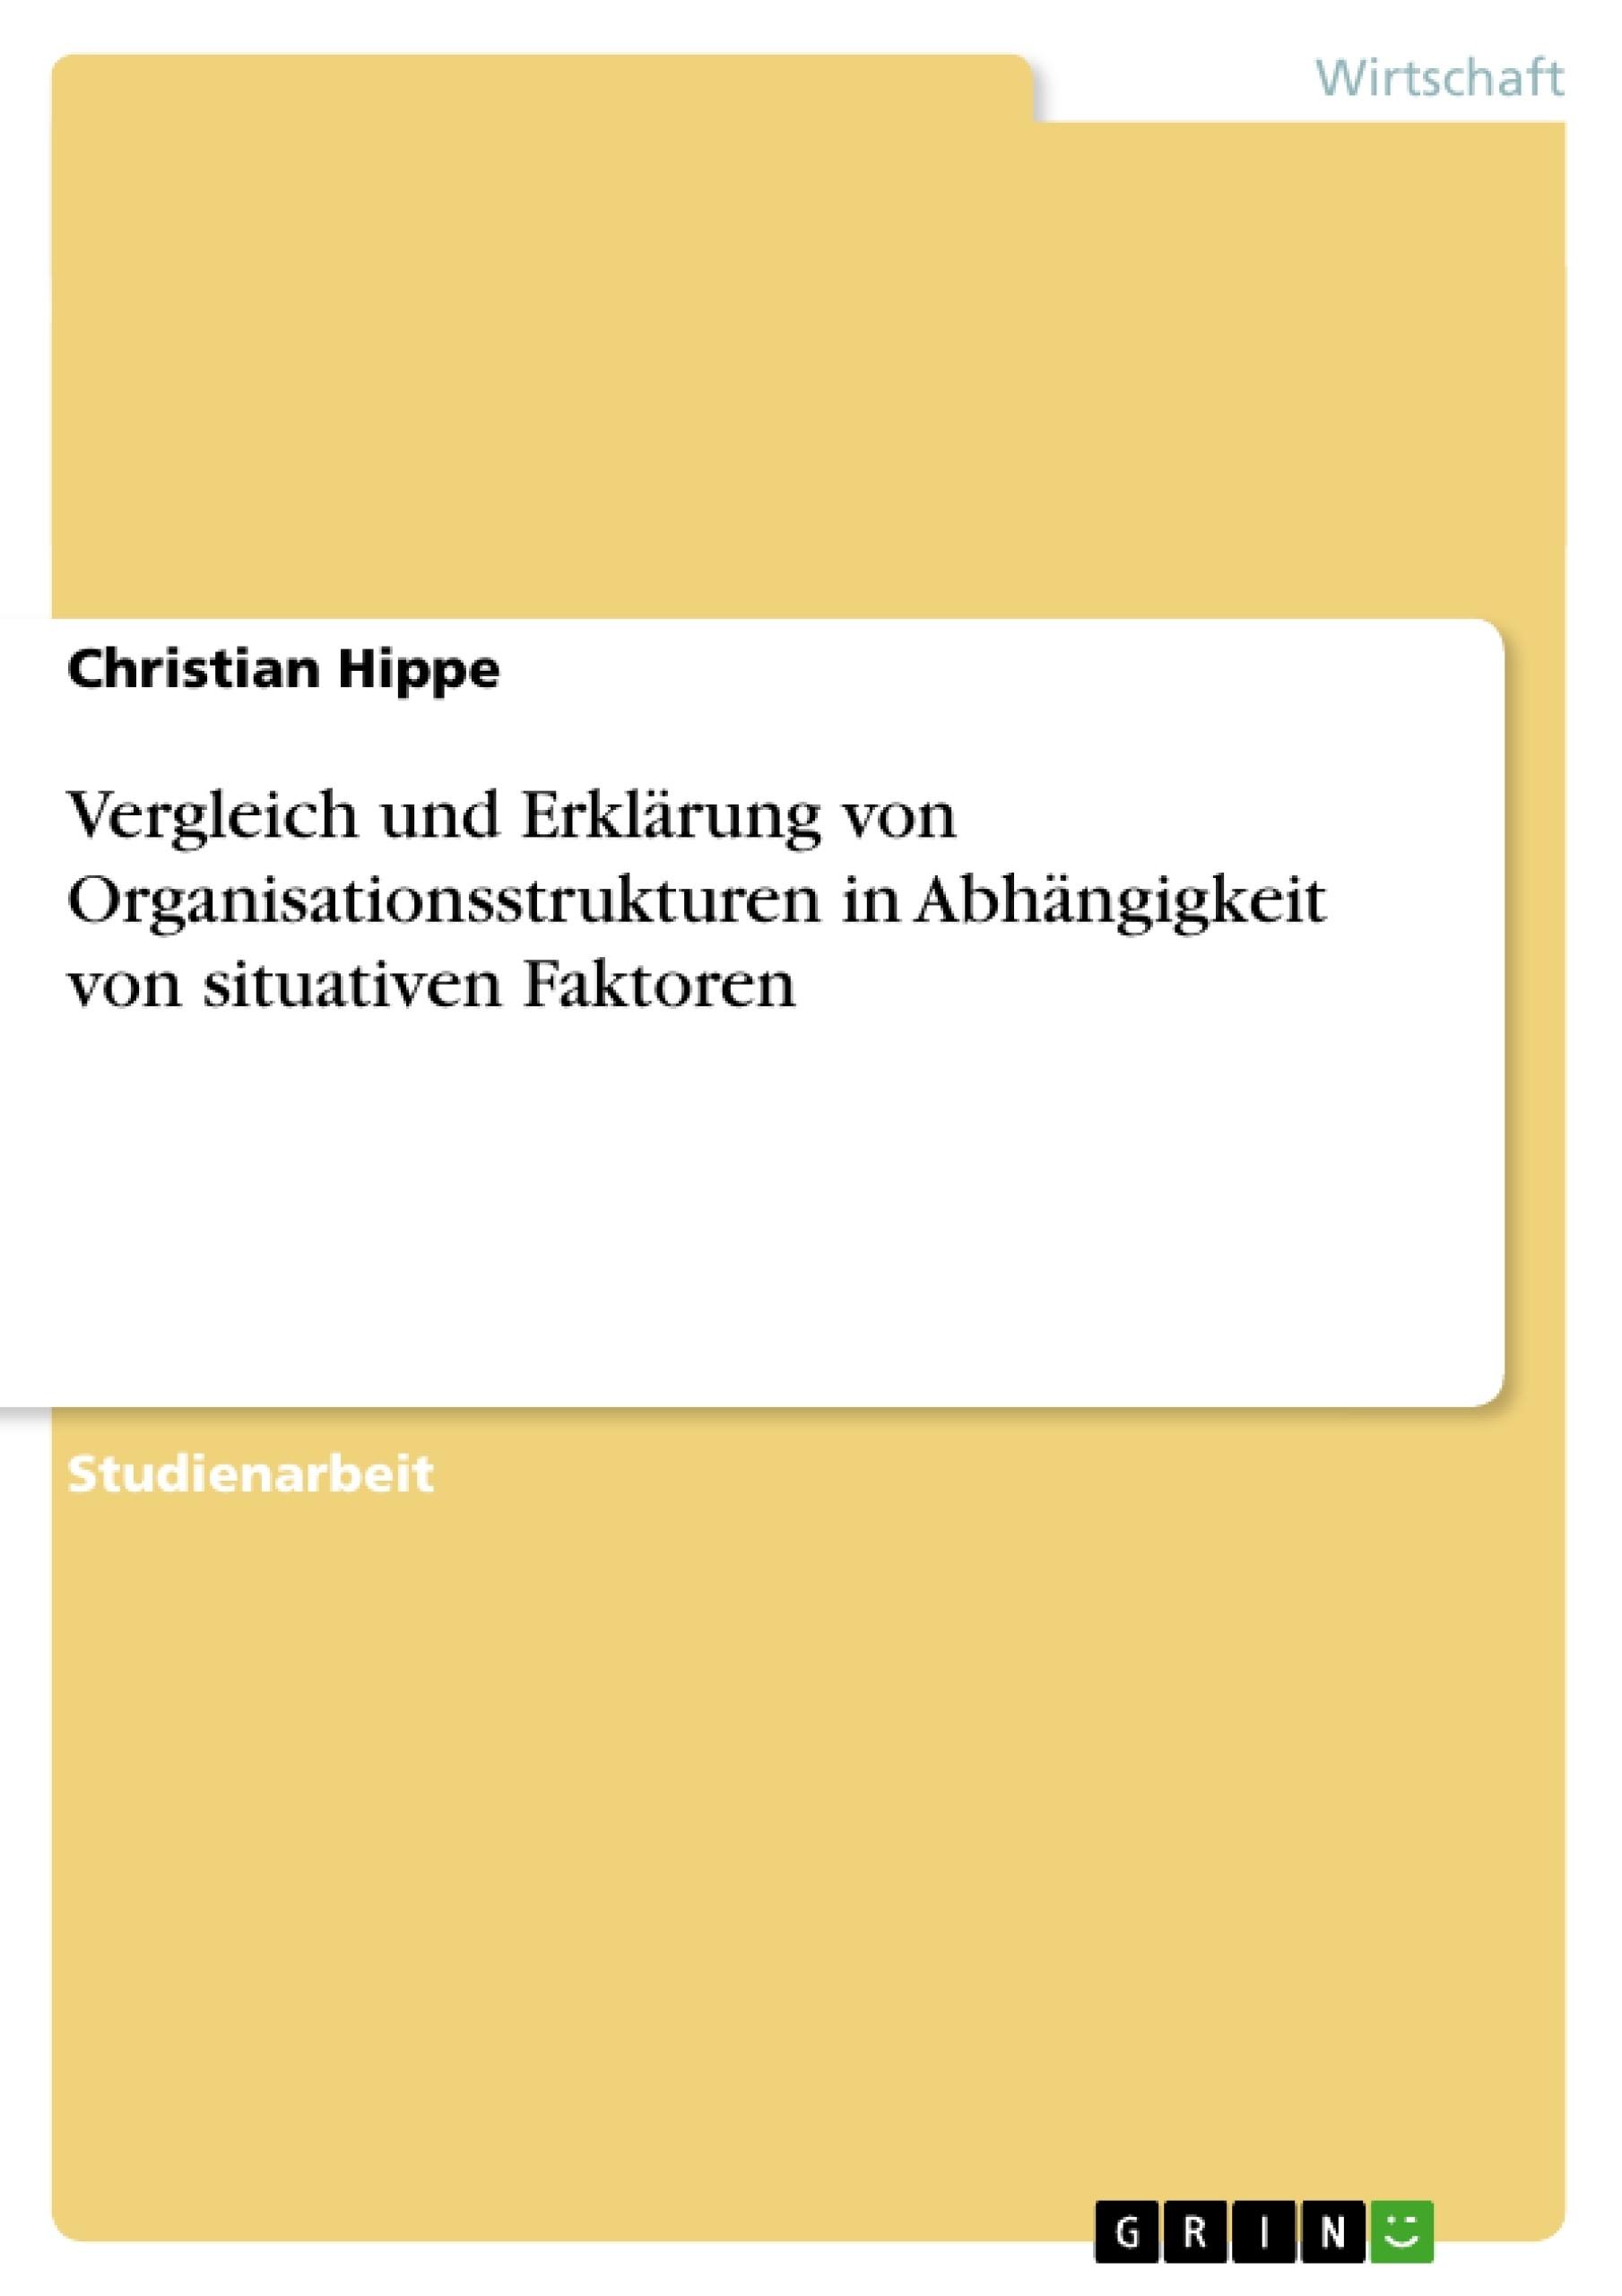 Titel: Vergleich und Erklärung von Organisationsstrukturen in Abhängigkeit von situativen Faktoren